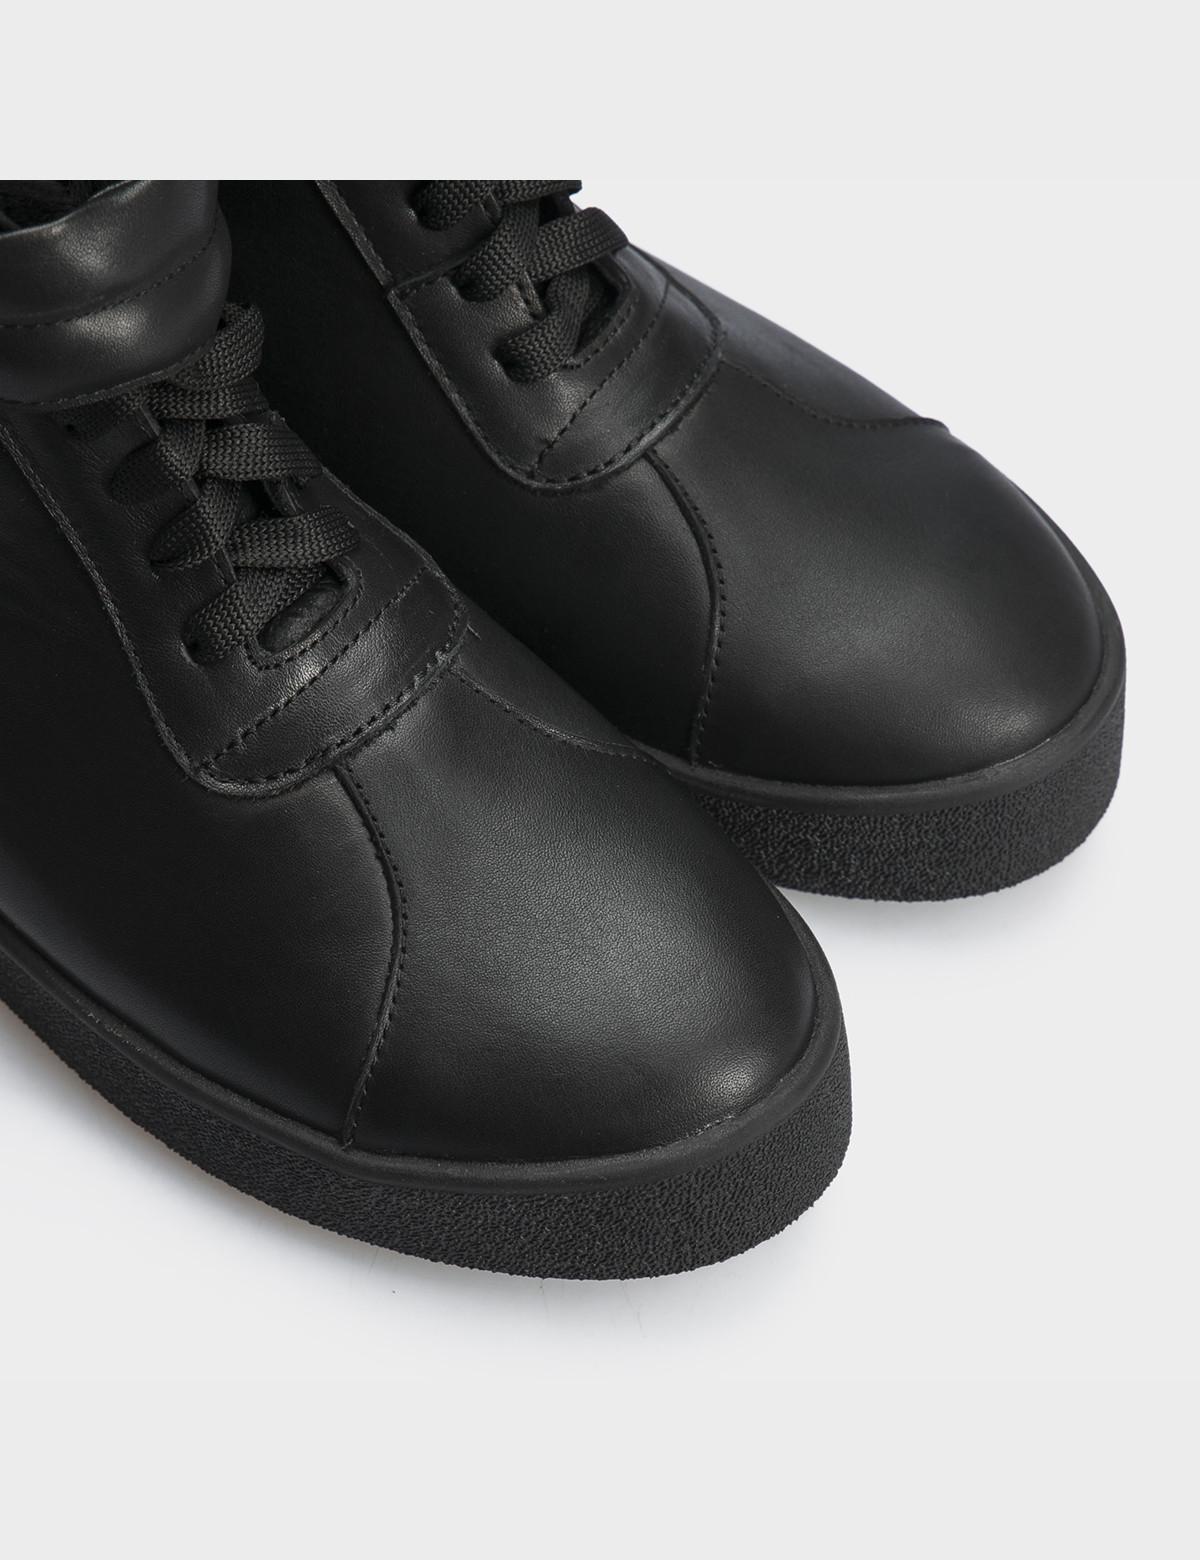 Ботинки черные натуральная кожа. Шерсть4